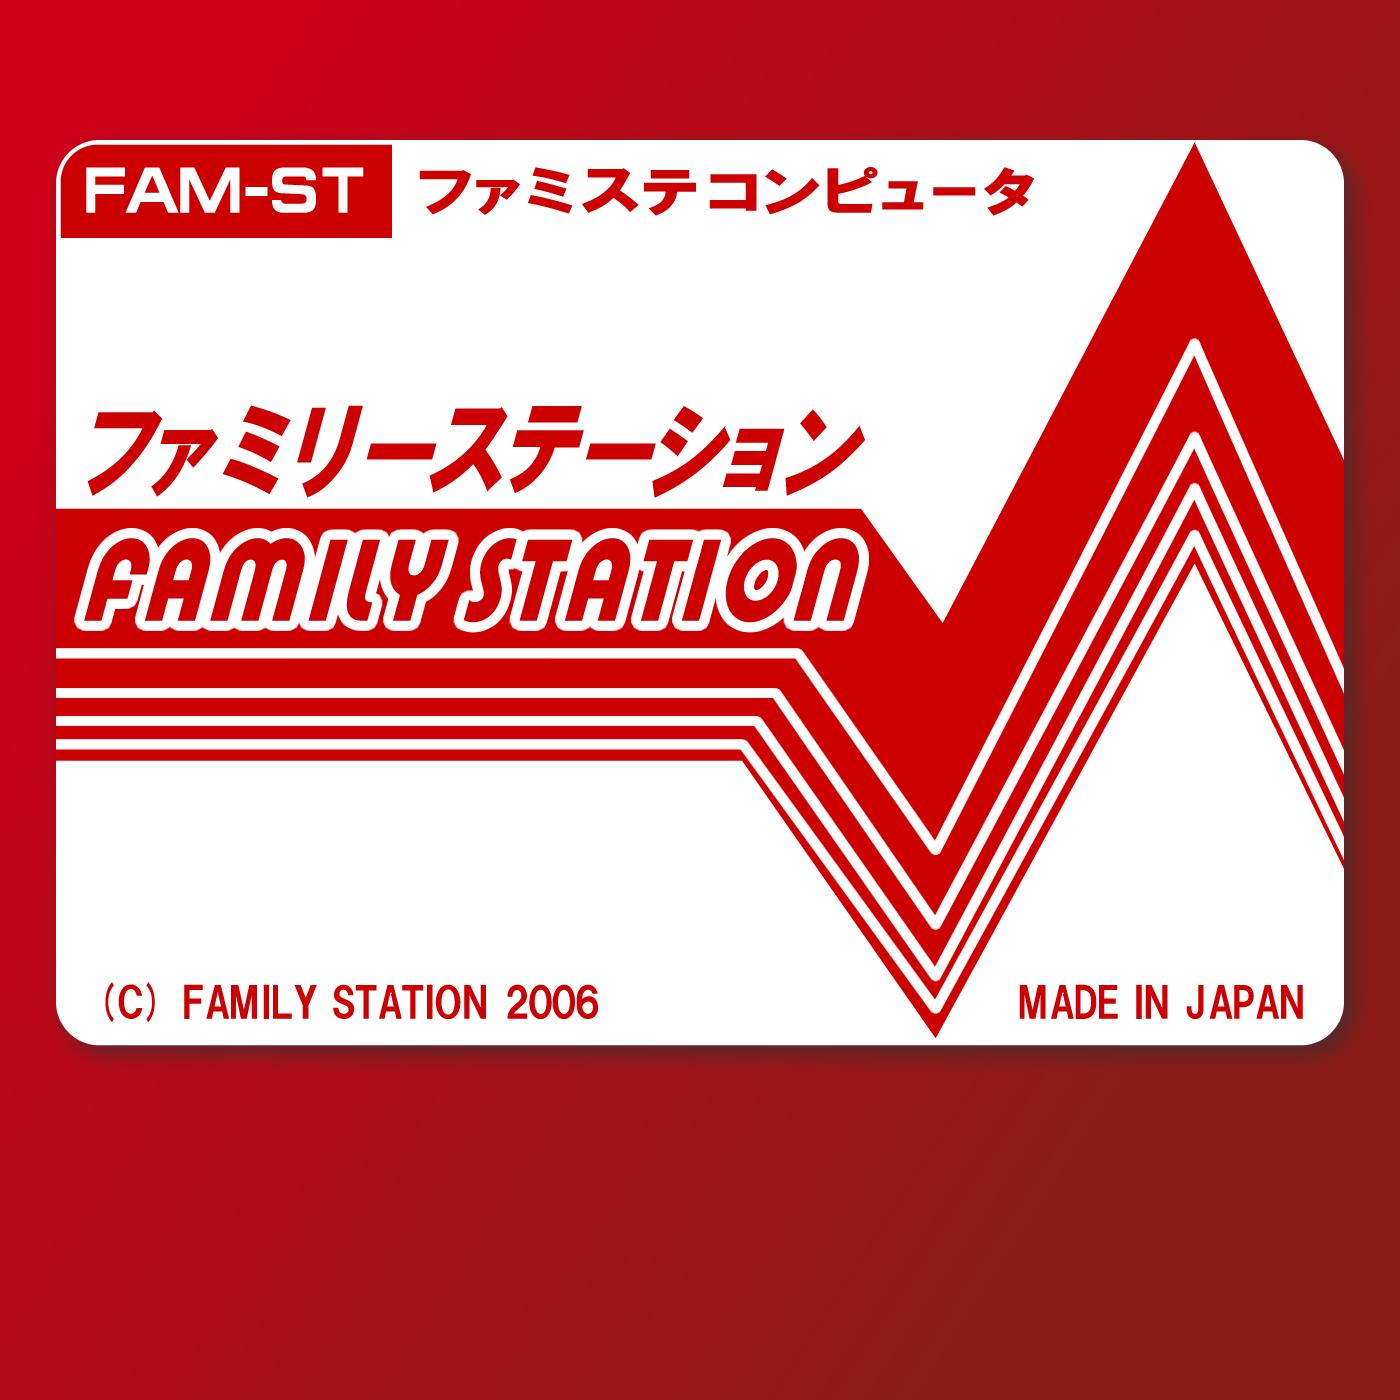 ファミリーステーション